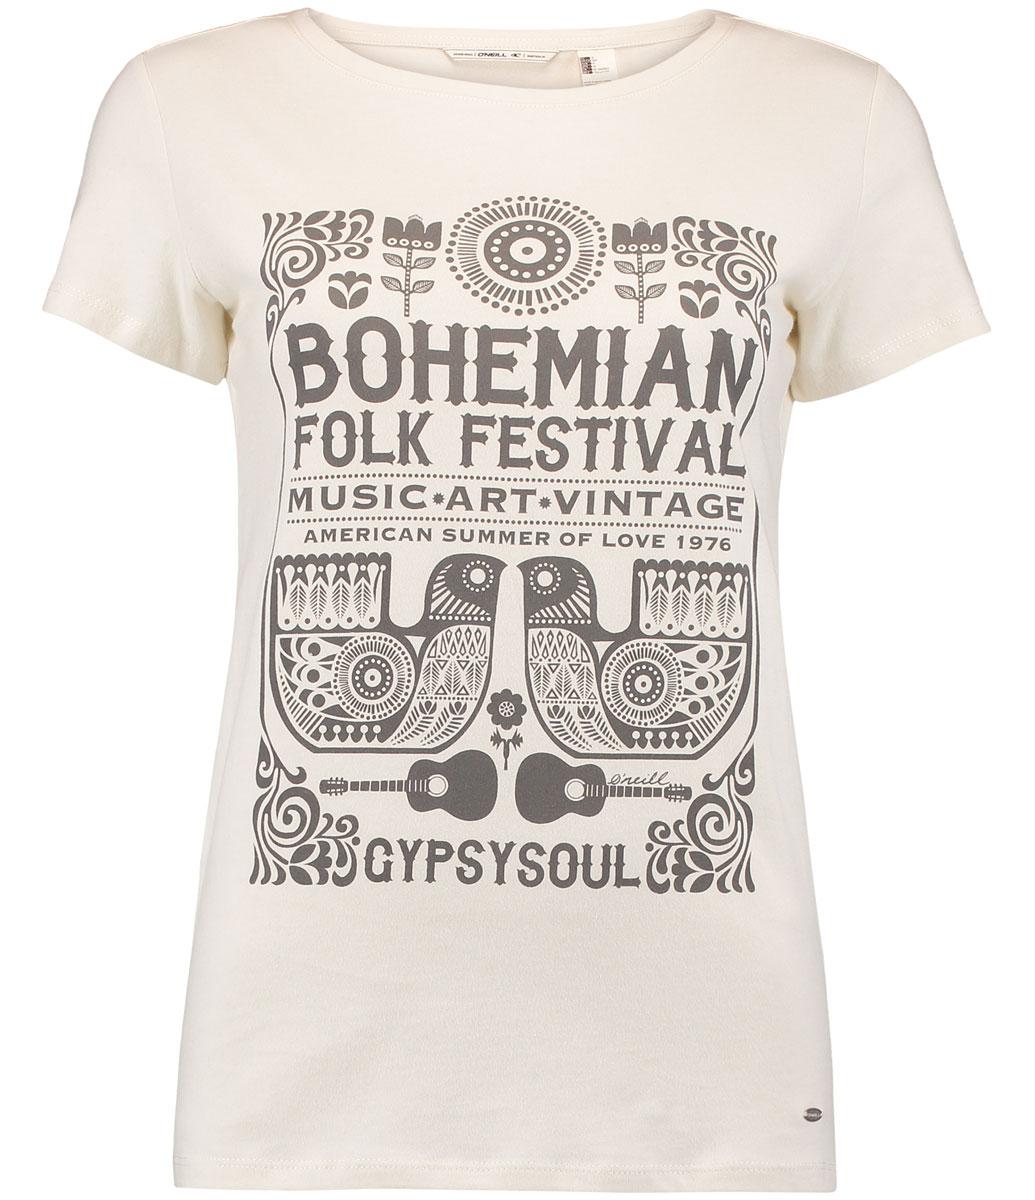 Футболка женская ONeill Lw Boho Festival T-Shirt, цвет: белый. 7A7330-1030. Размер L (48/50)7A7330-1030Футболка женская ONeill выполнена из 100% хлопка. Модель имеет стандартный крой, короткий рукав и круглый вырез горловины. Футболка дополнена надписями в стиле бохо.